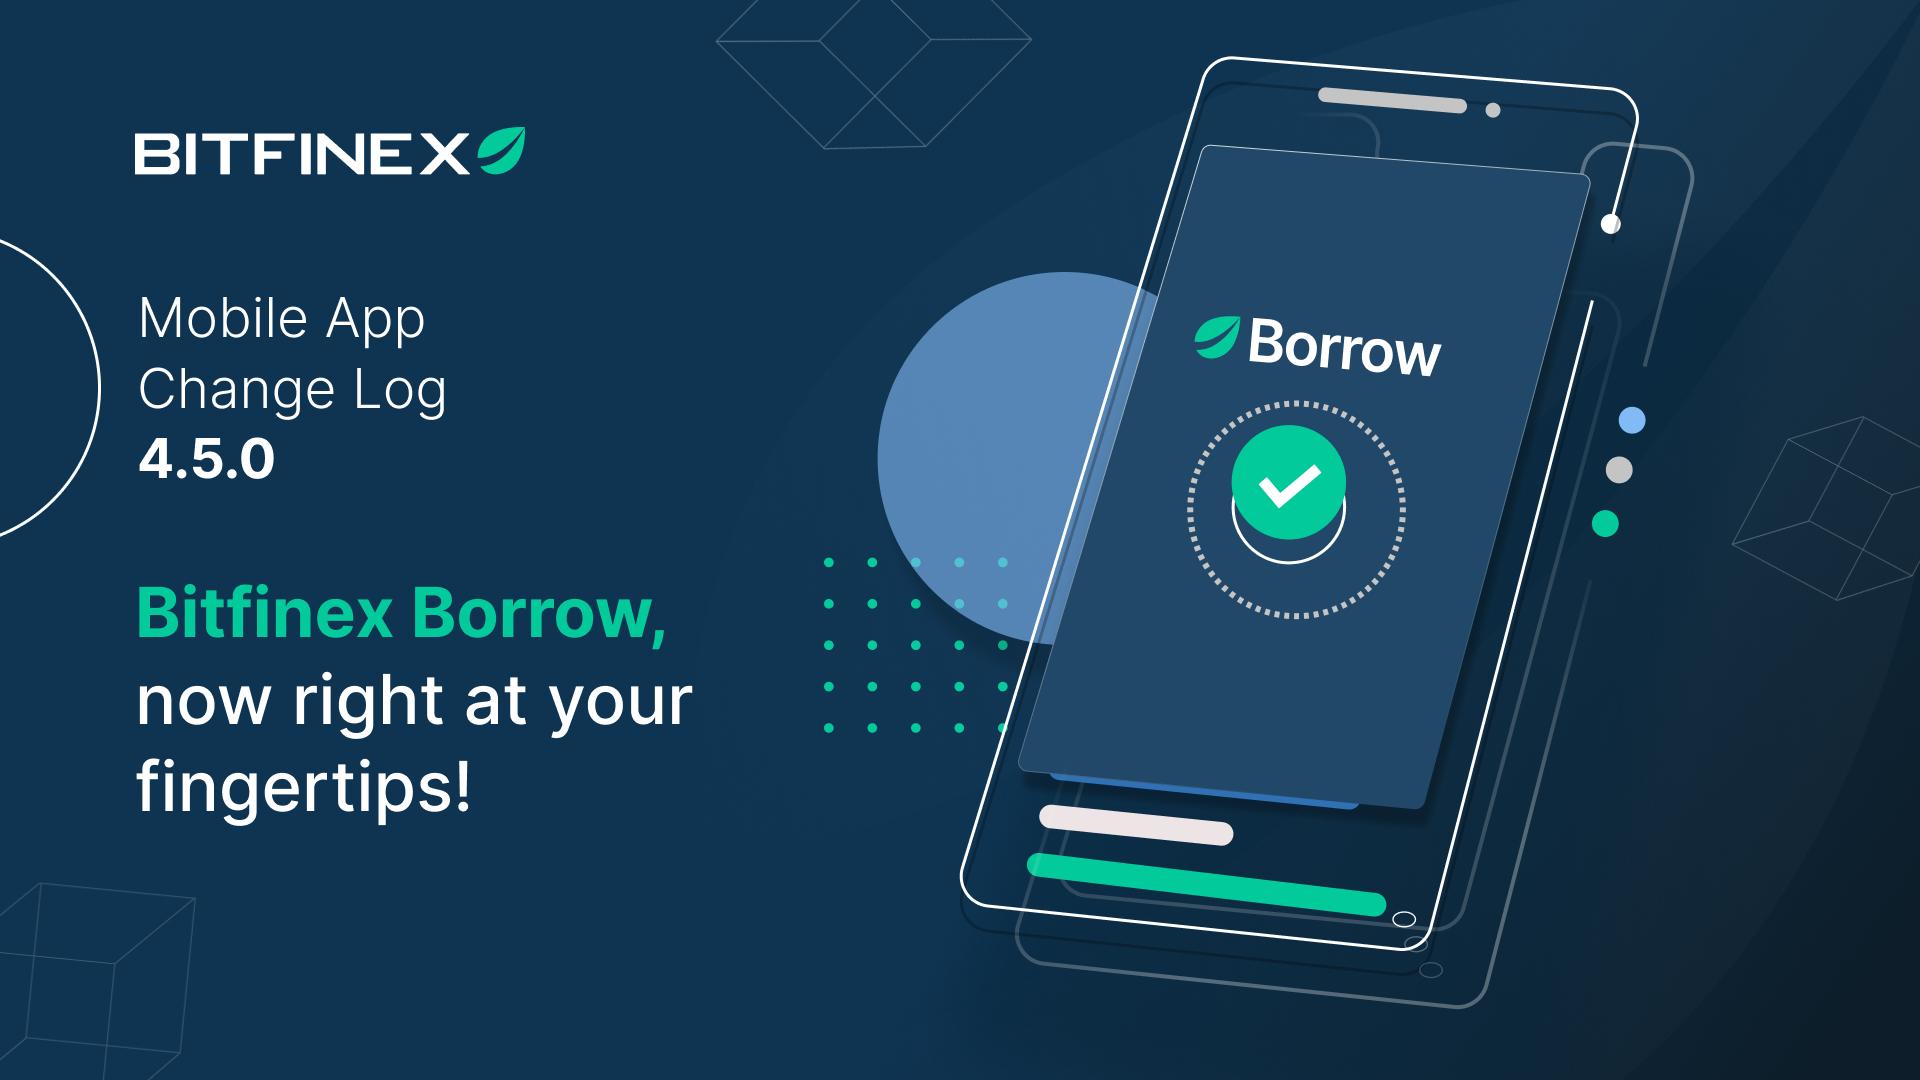 Bitfinex Mobile App